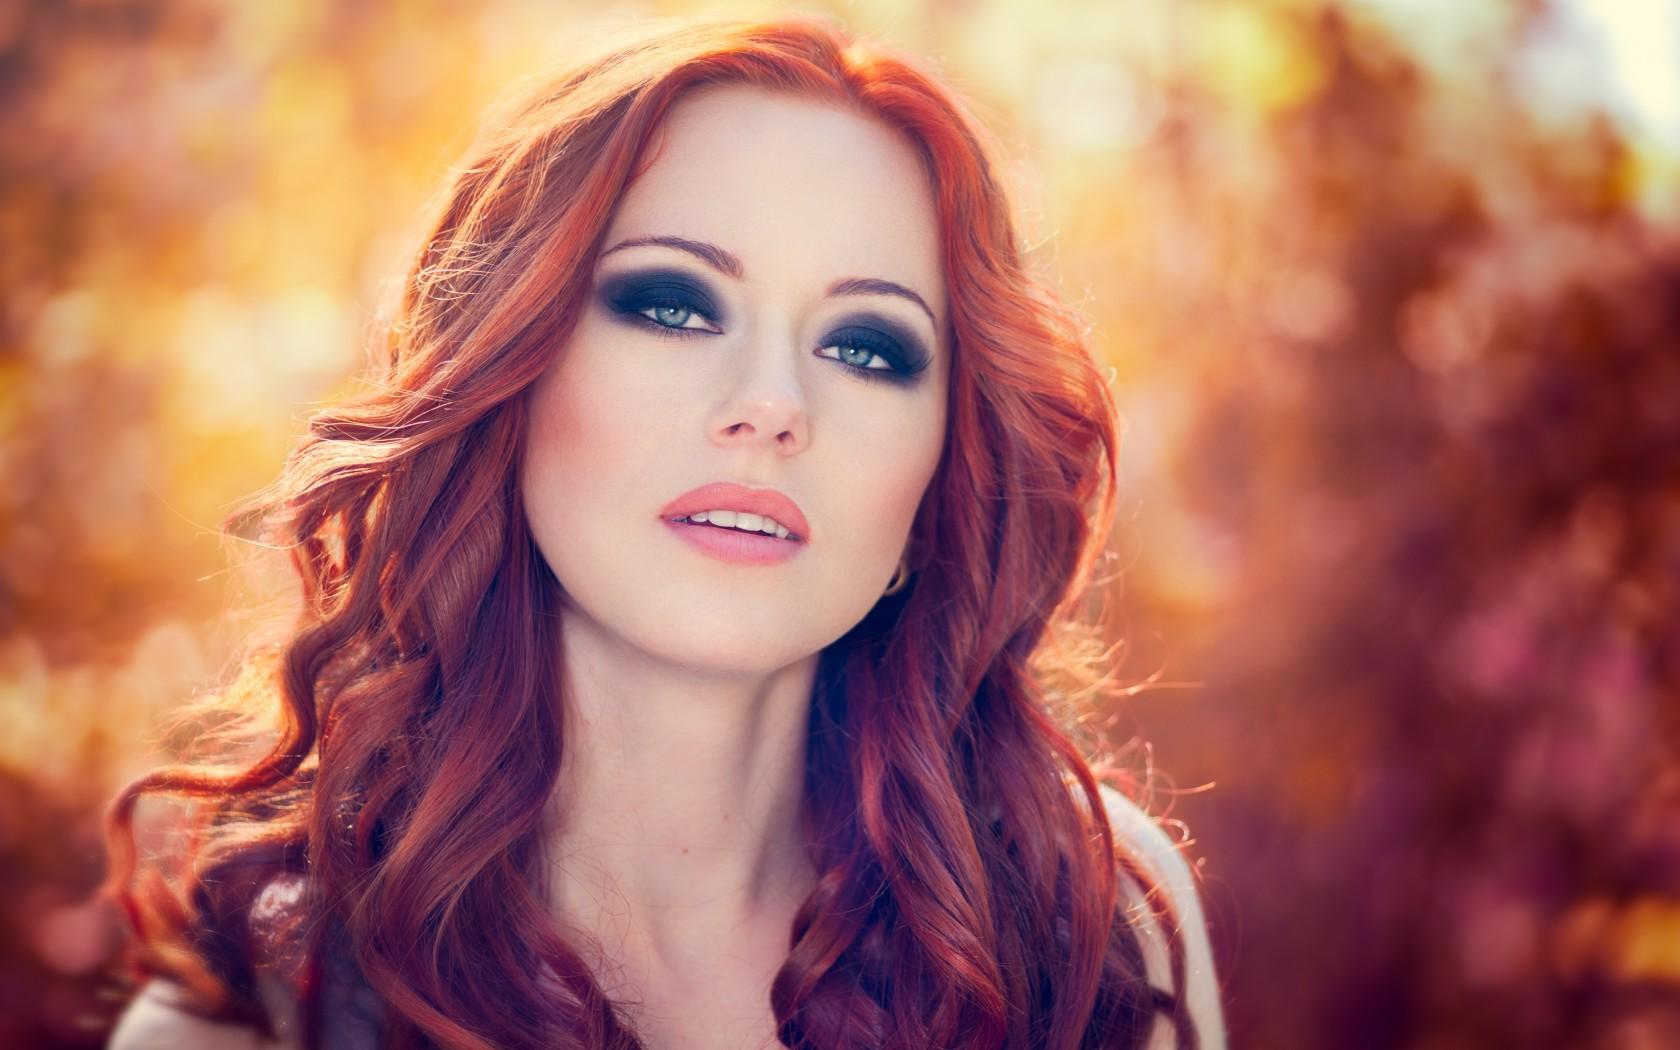 Фото девушек с рыжими волосами 15 фотография